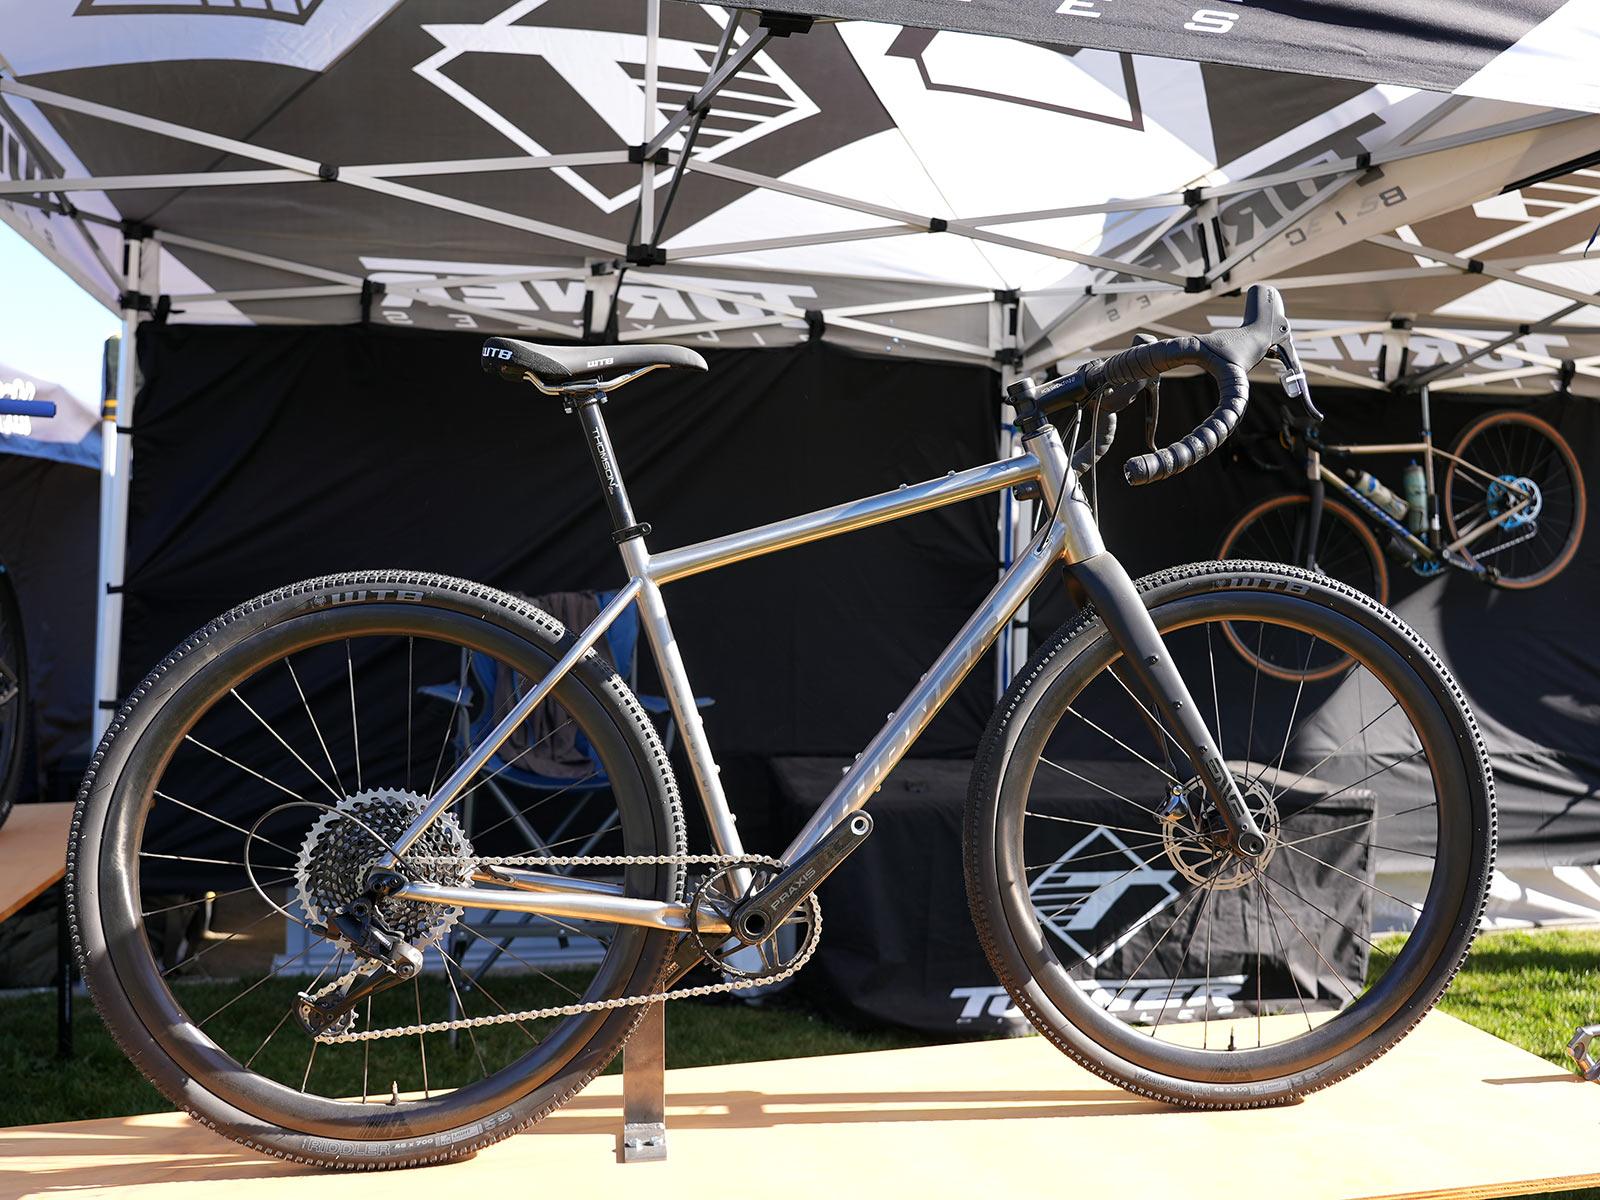 2022 turner cyclosys titanium gravel bike